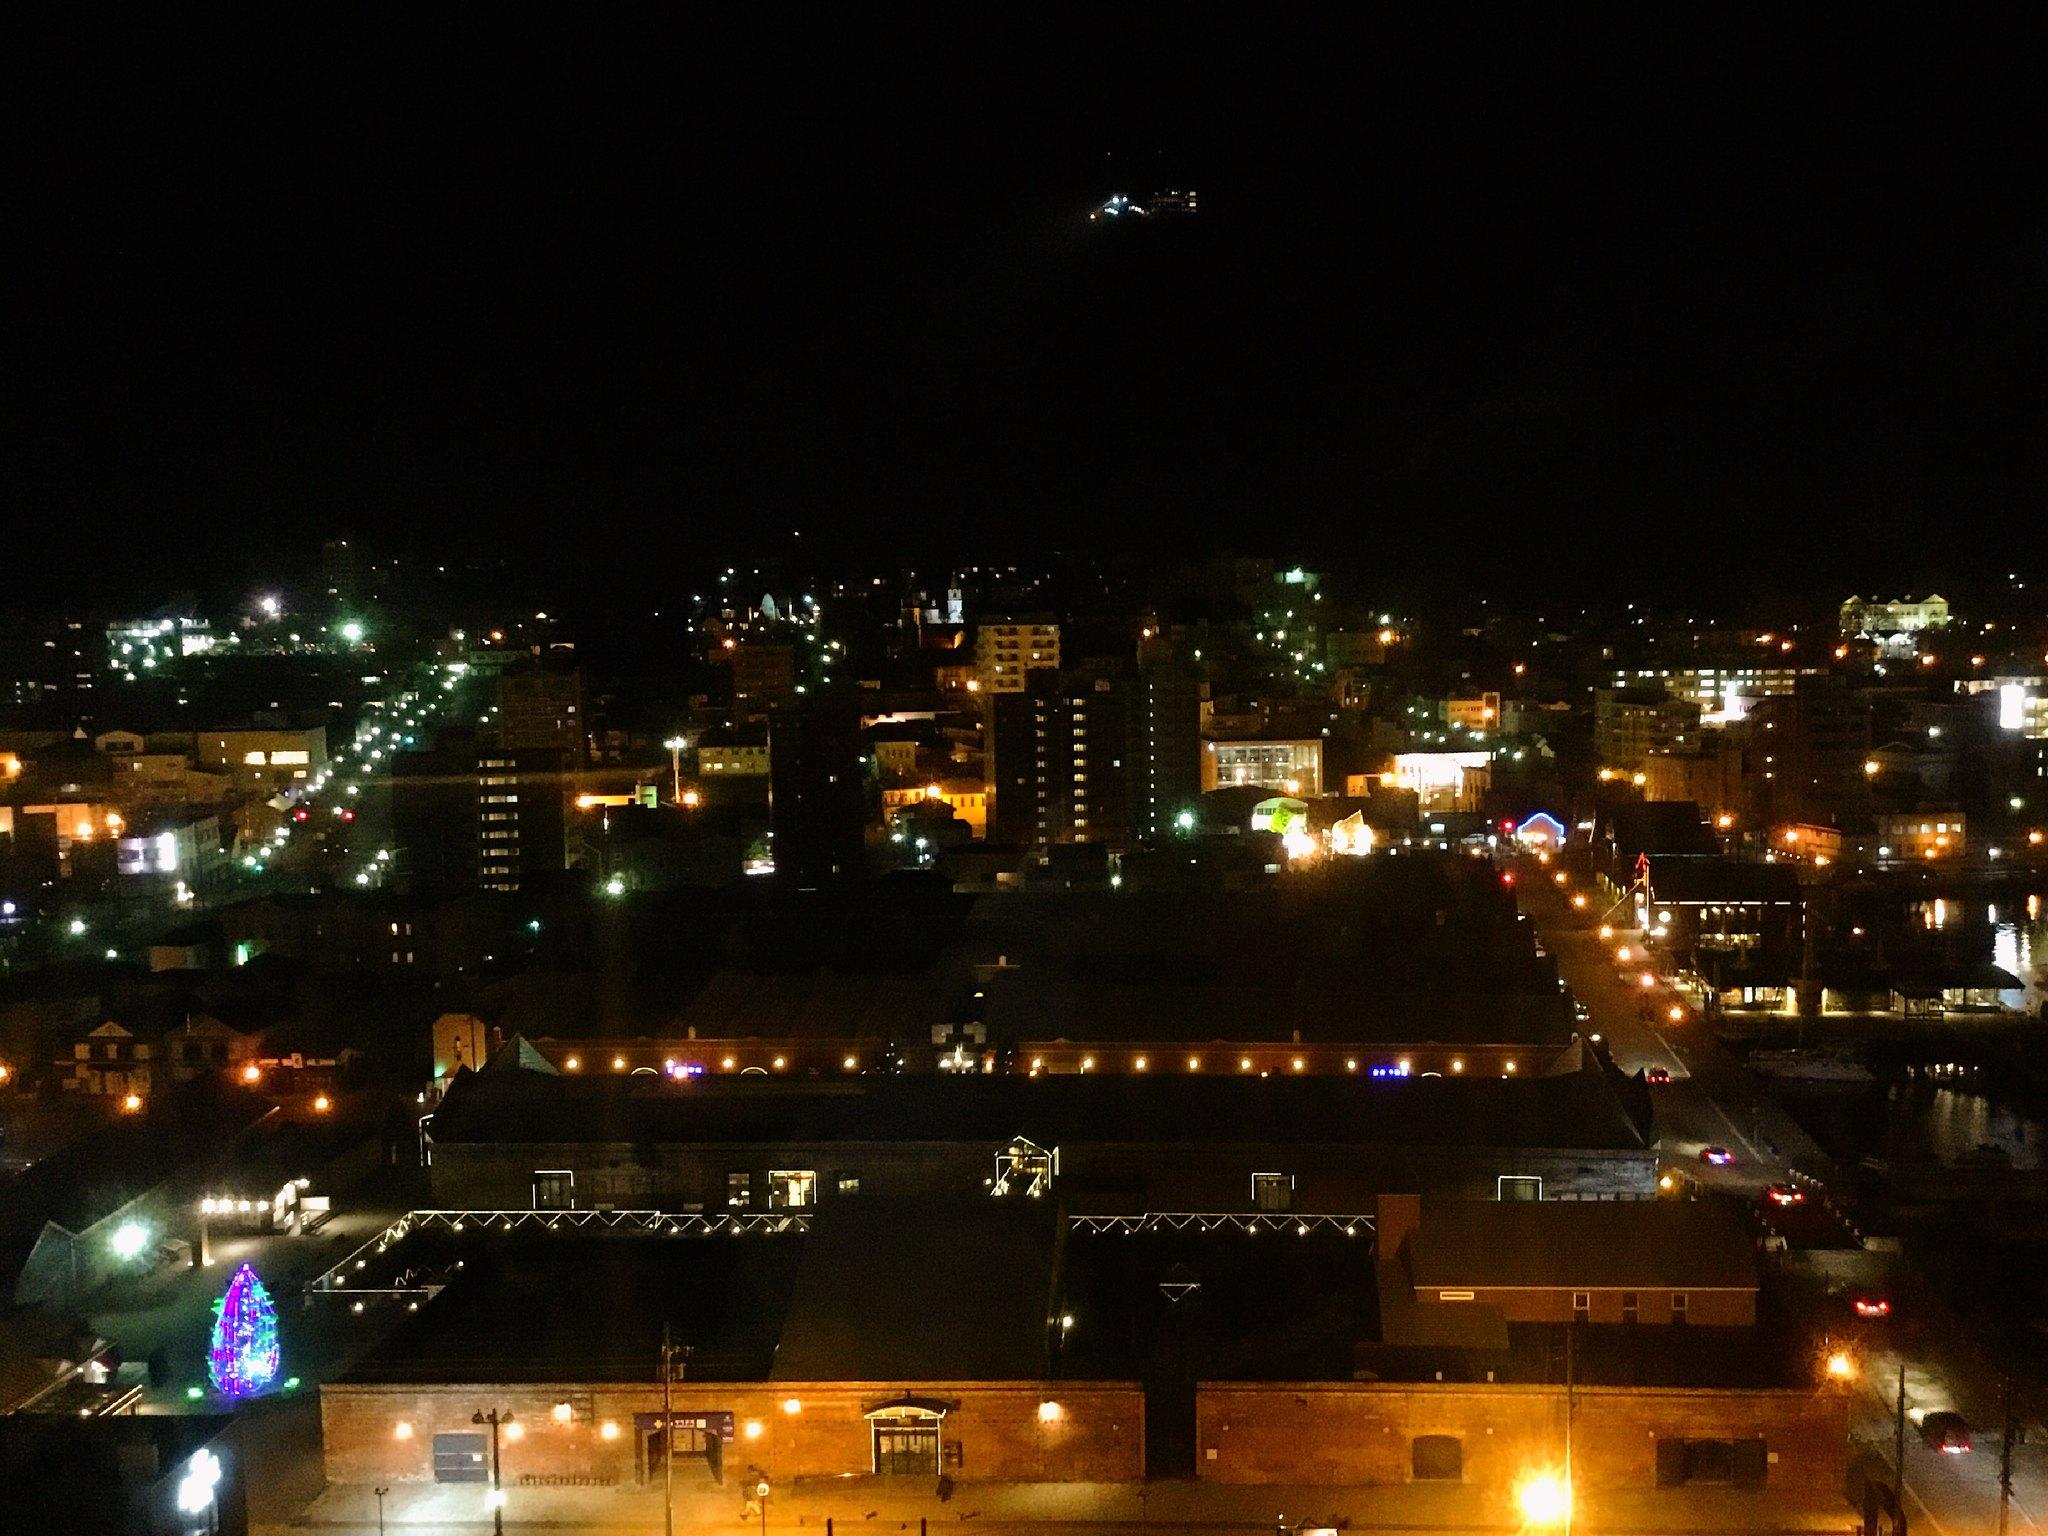 函館 ホテル ラビスタ函館ベイ7階客室から見た金森赤レンガ倉庫の夜景 7FC8DC47-06B8-40D5-B036-7CC271E44DFE